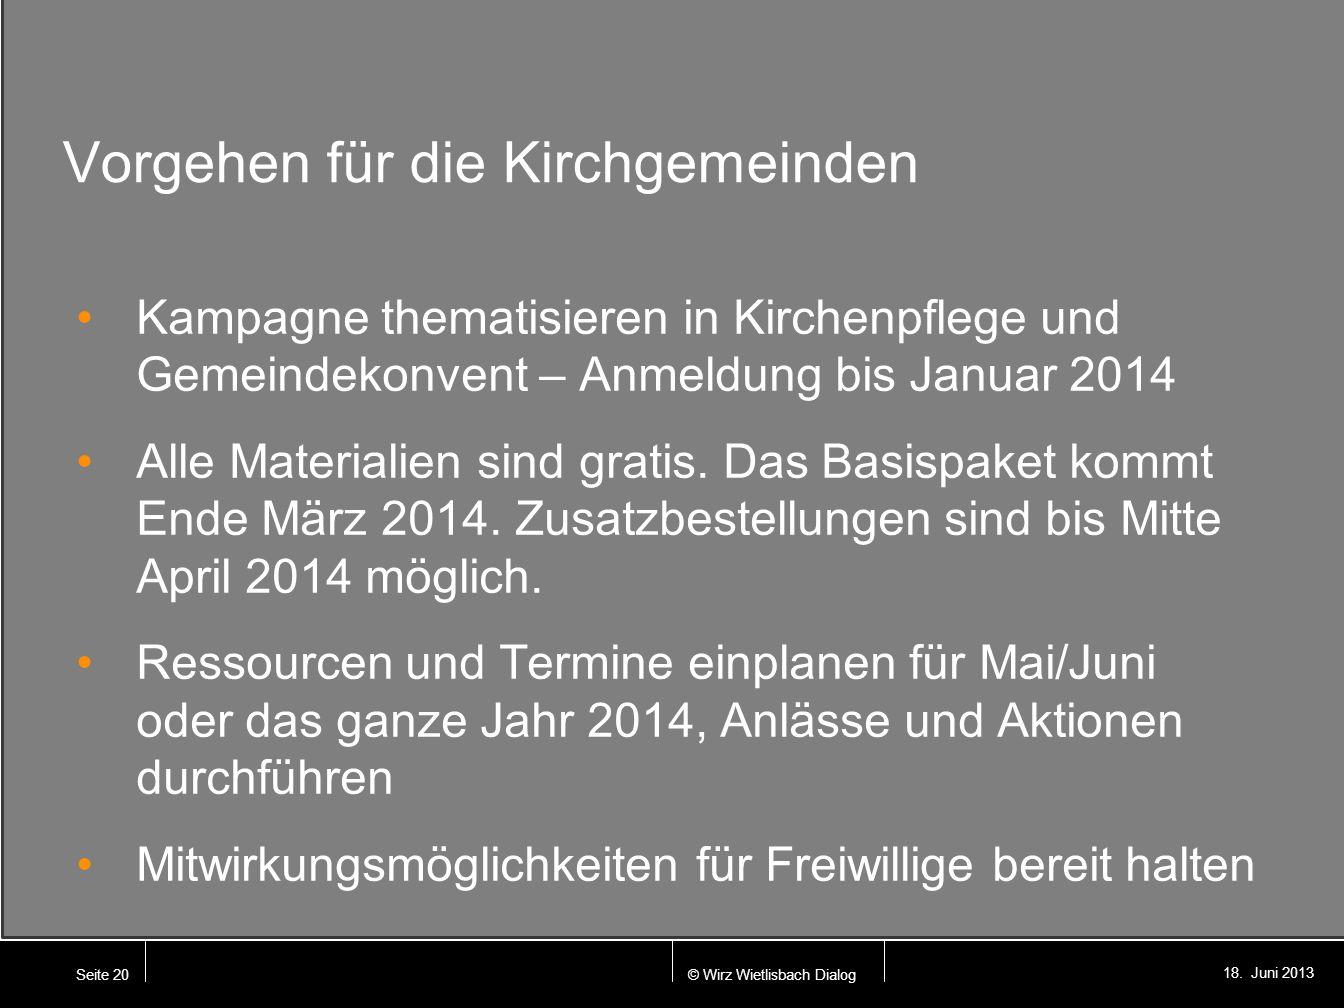 © Wirz Wietlisbach Dialog 18. Juni 2013 Vorgehen für die Kirchgemeinden Kampagne thematisieren in Kirchenpflege und Gemeindekonvent – Anmeldung bis Ja